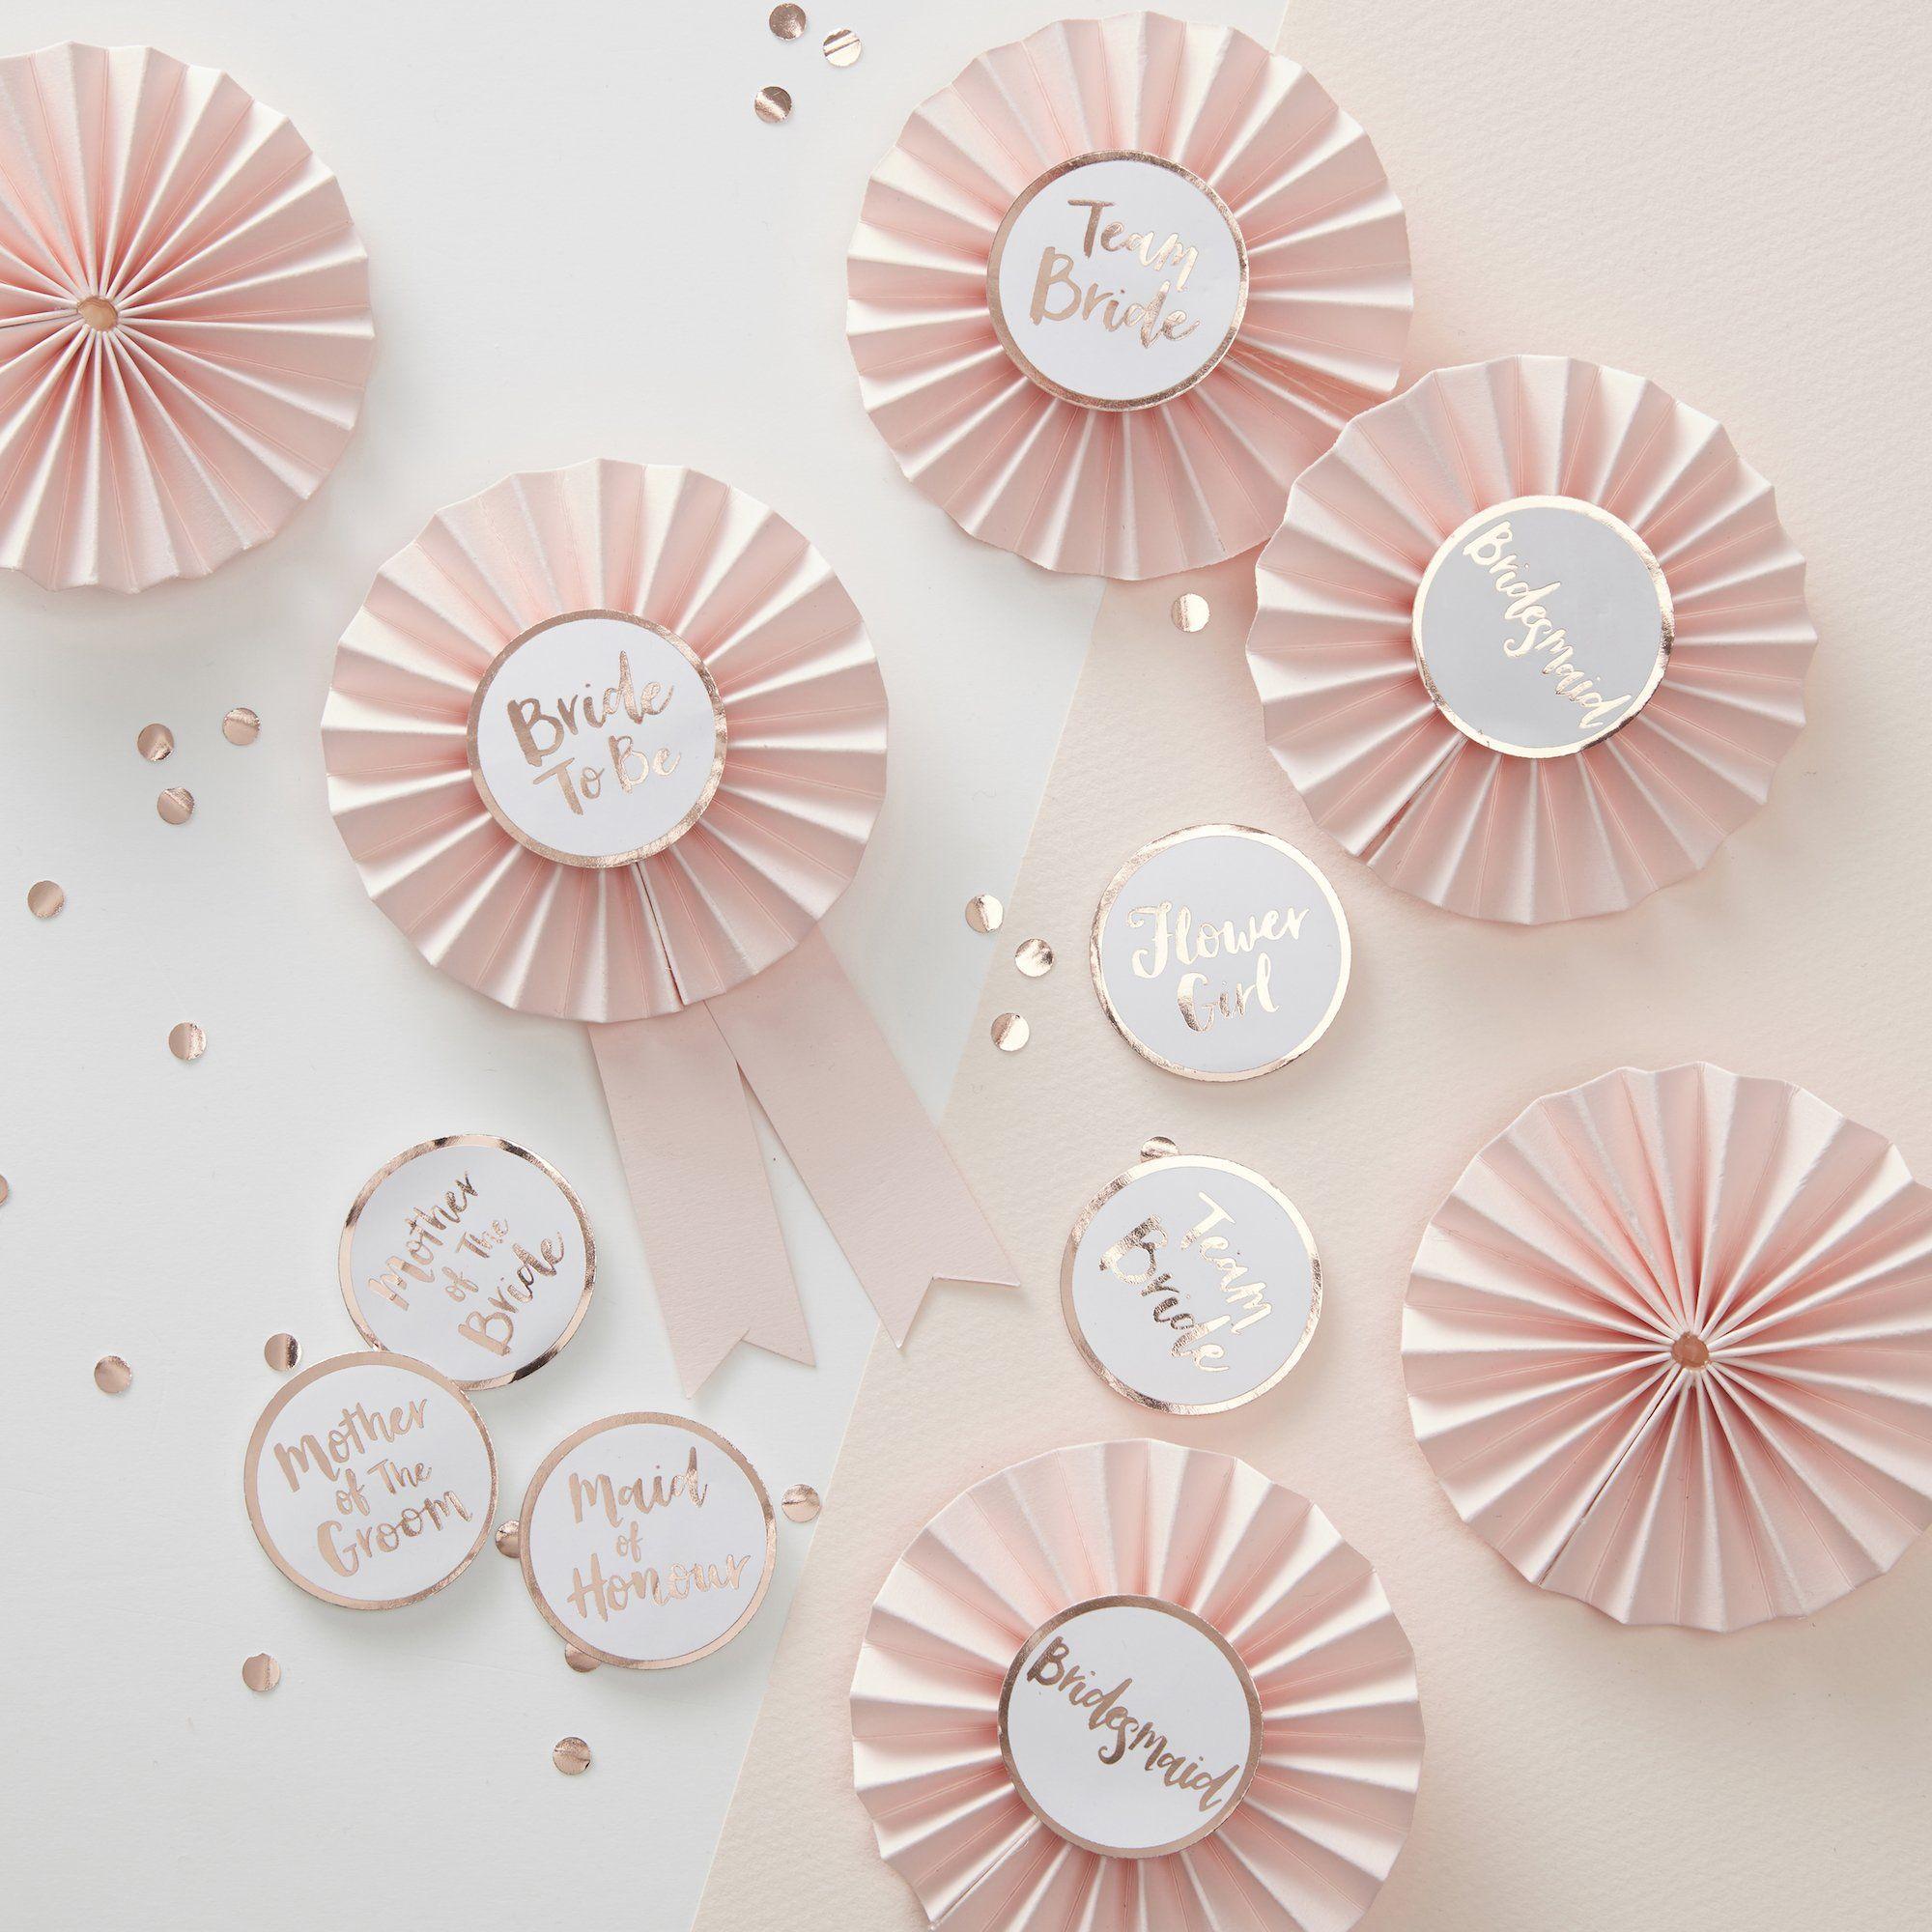 Floral Hen Range by Ginger Ray Team Bride Badges